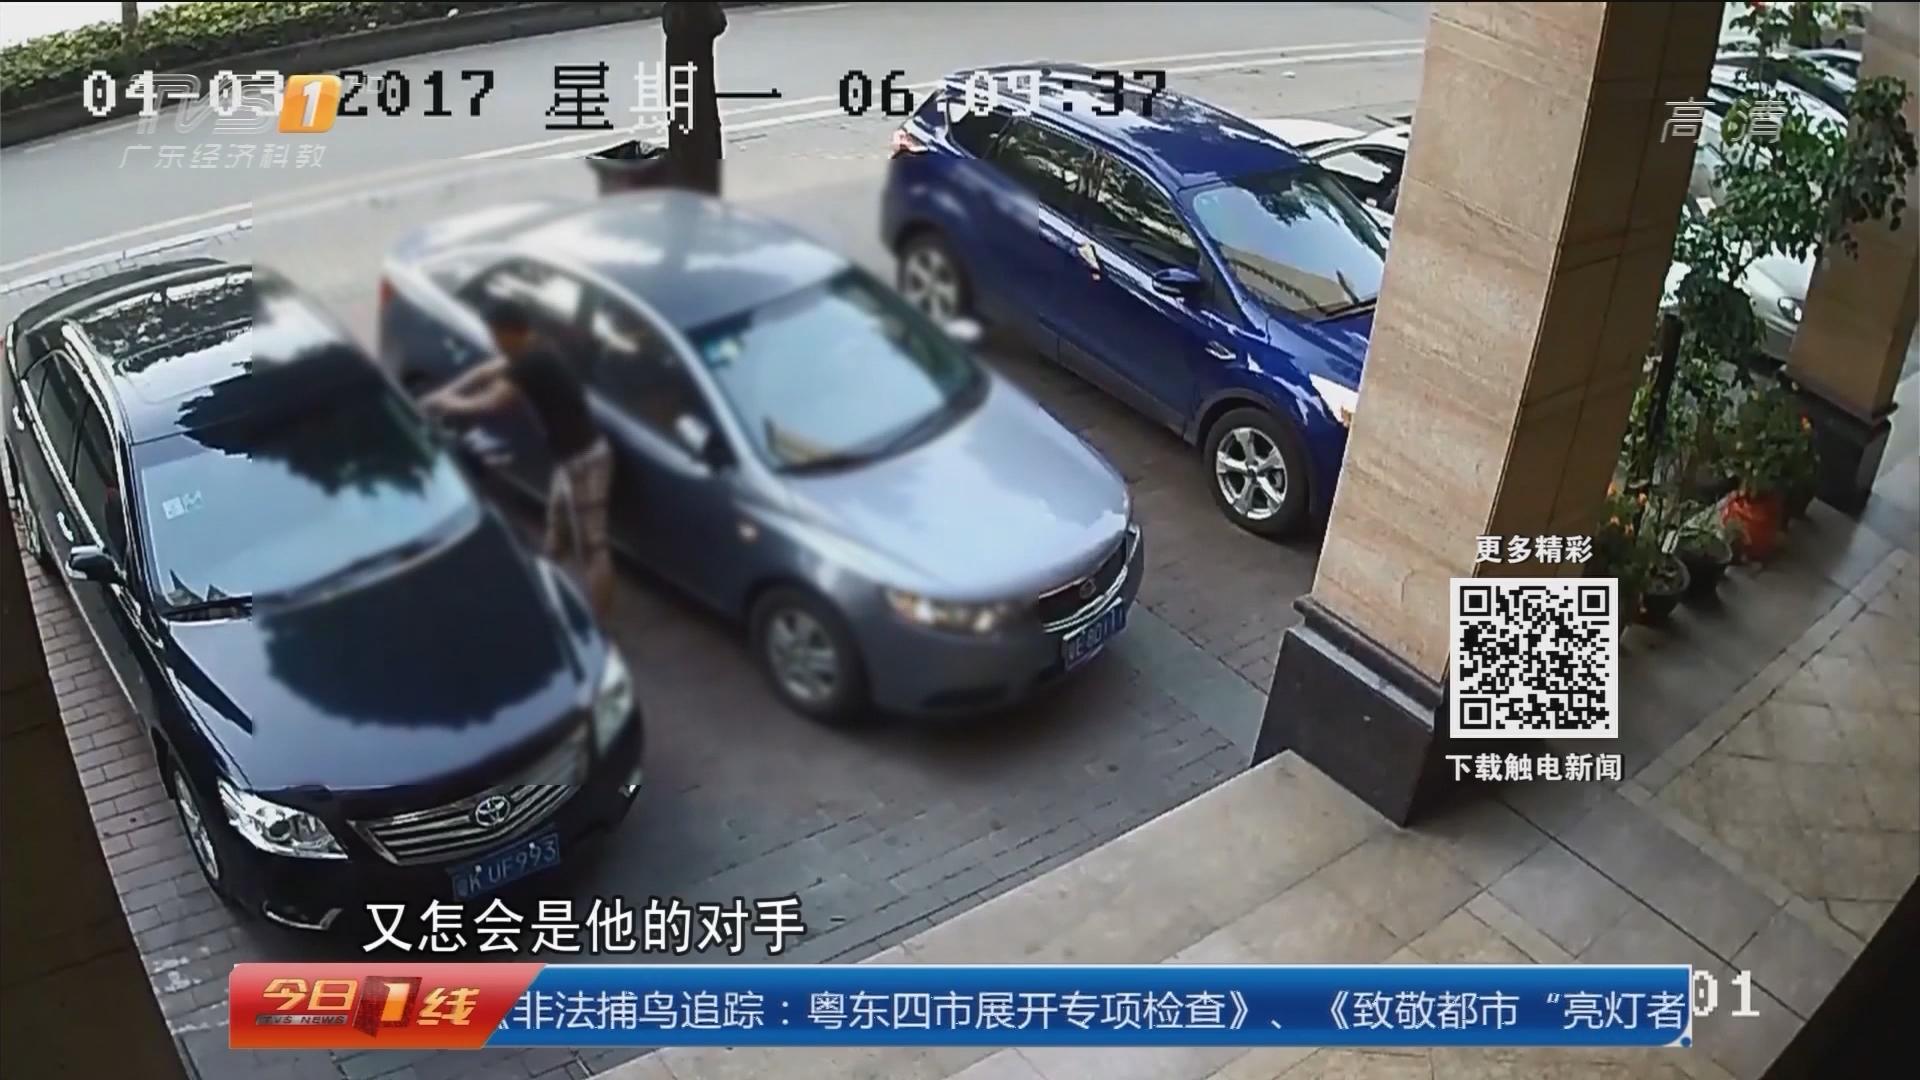 """佛山顺德:男子街头打""""醉拳"""" 路边十车惨遭殃"""